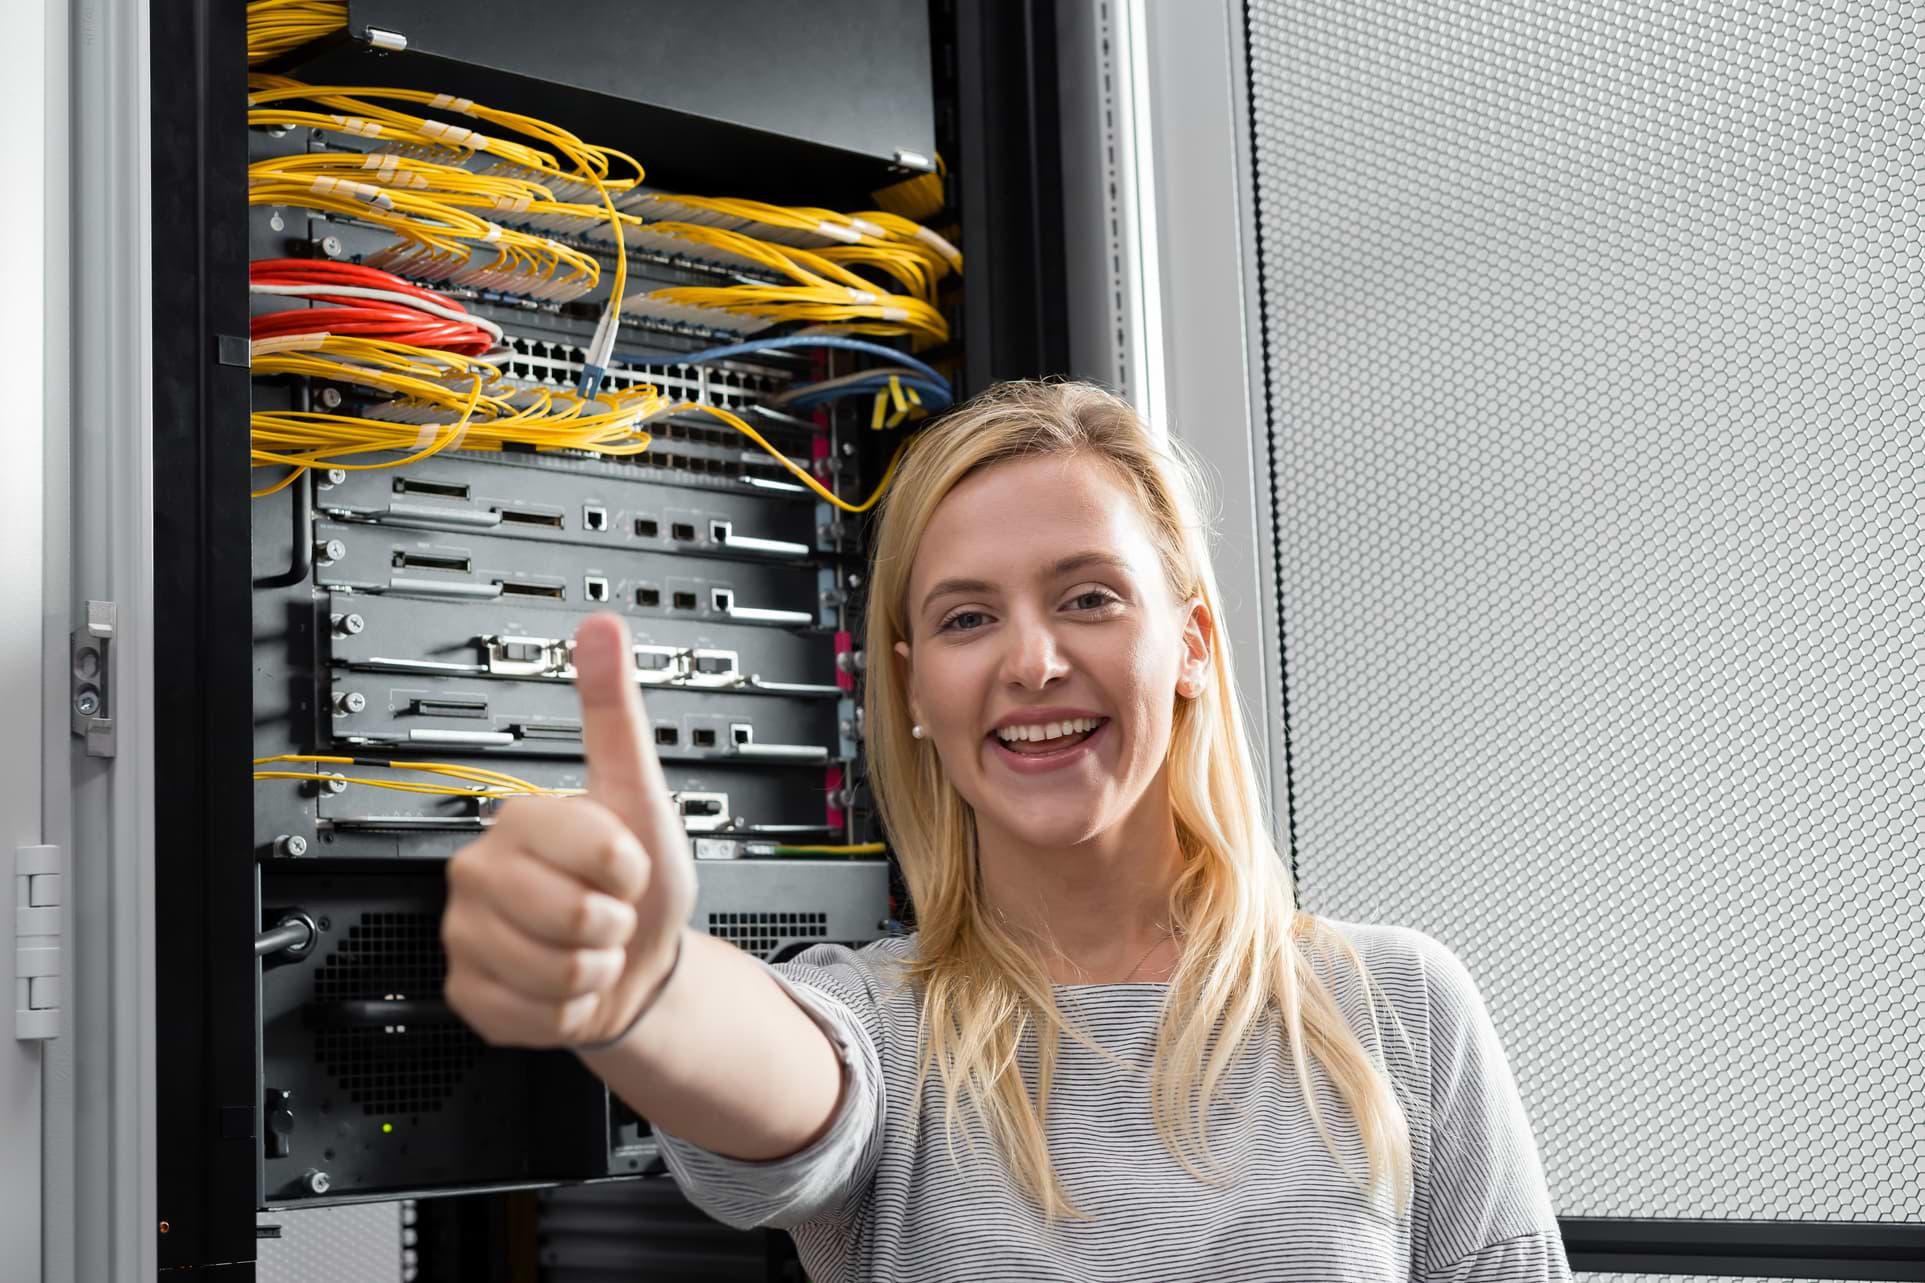 Find Local BEST Low Voltage Installation Services